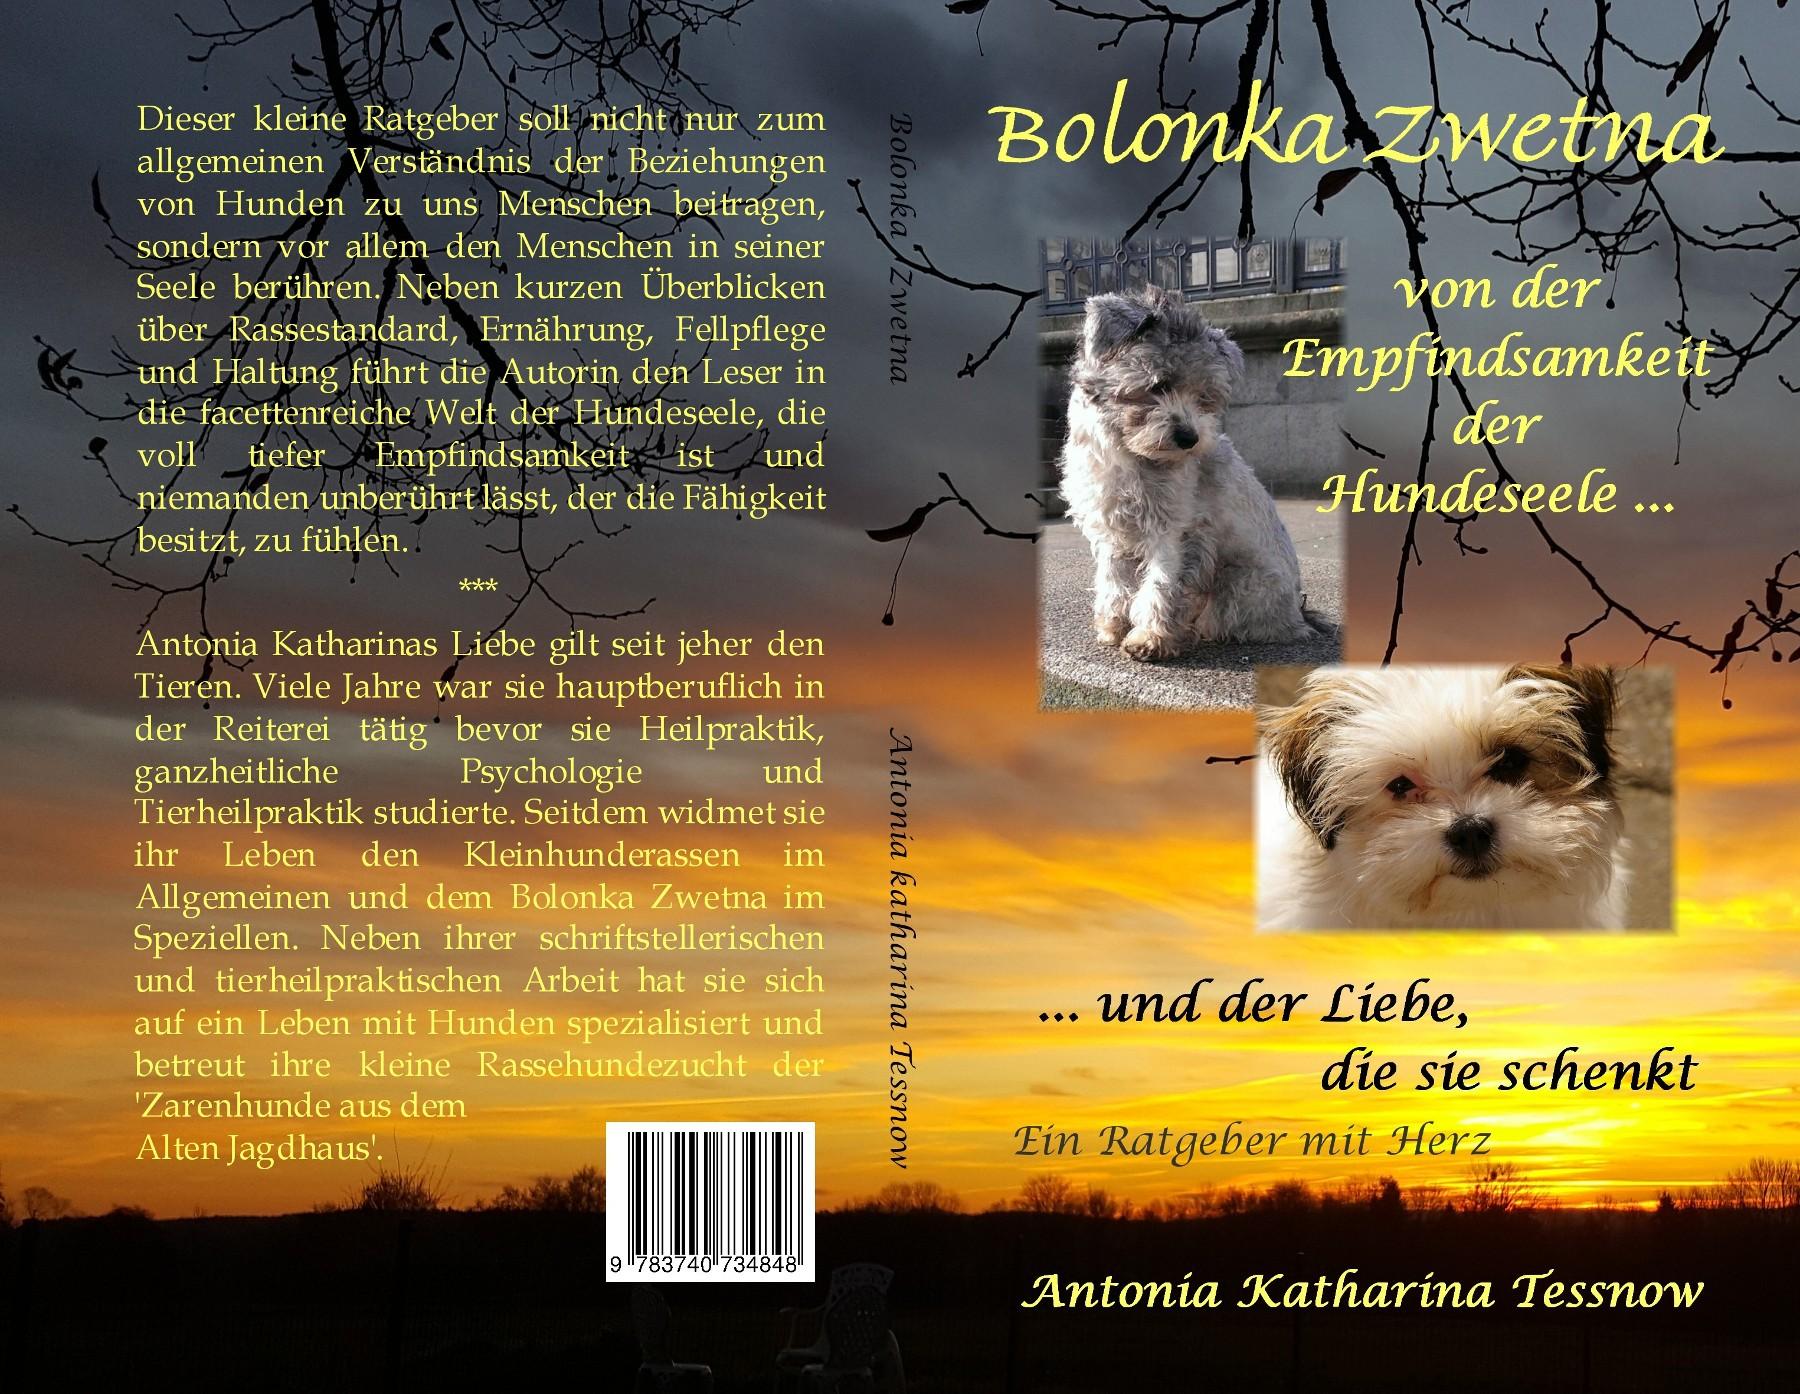 Bolonka Zwetna – Ein Ratgeber mit Herz